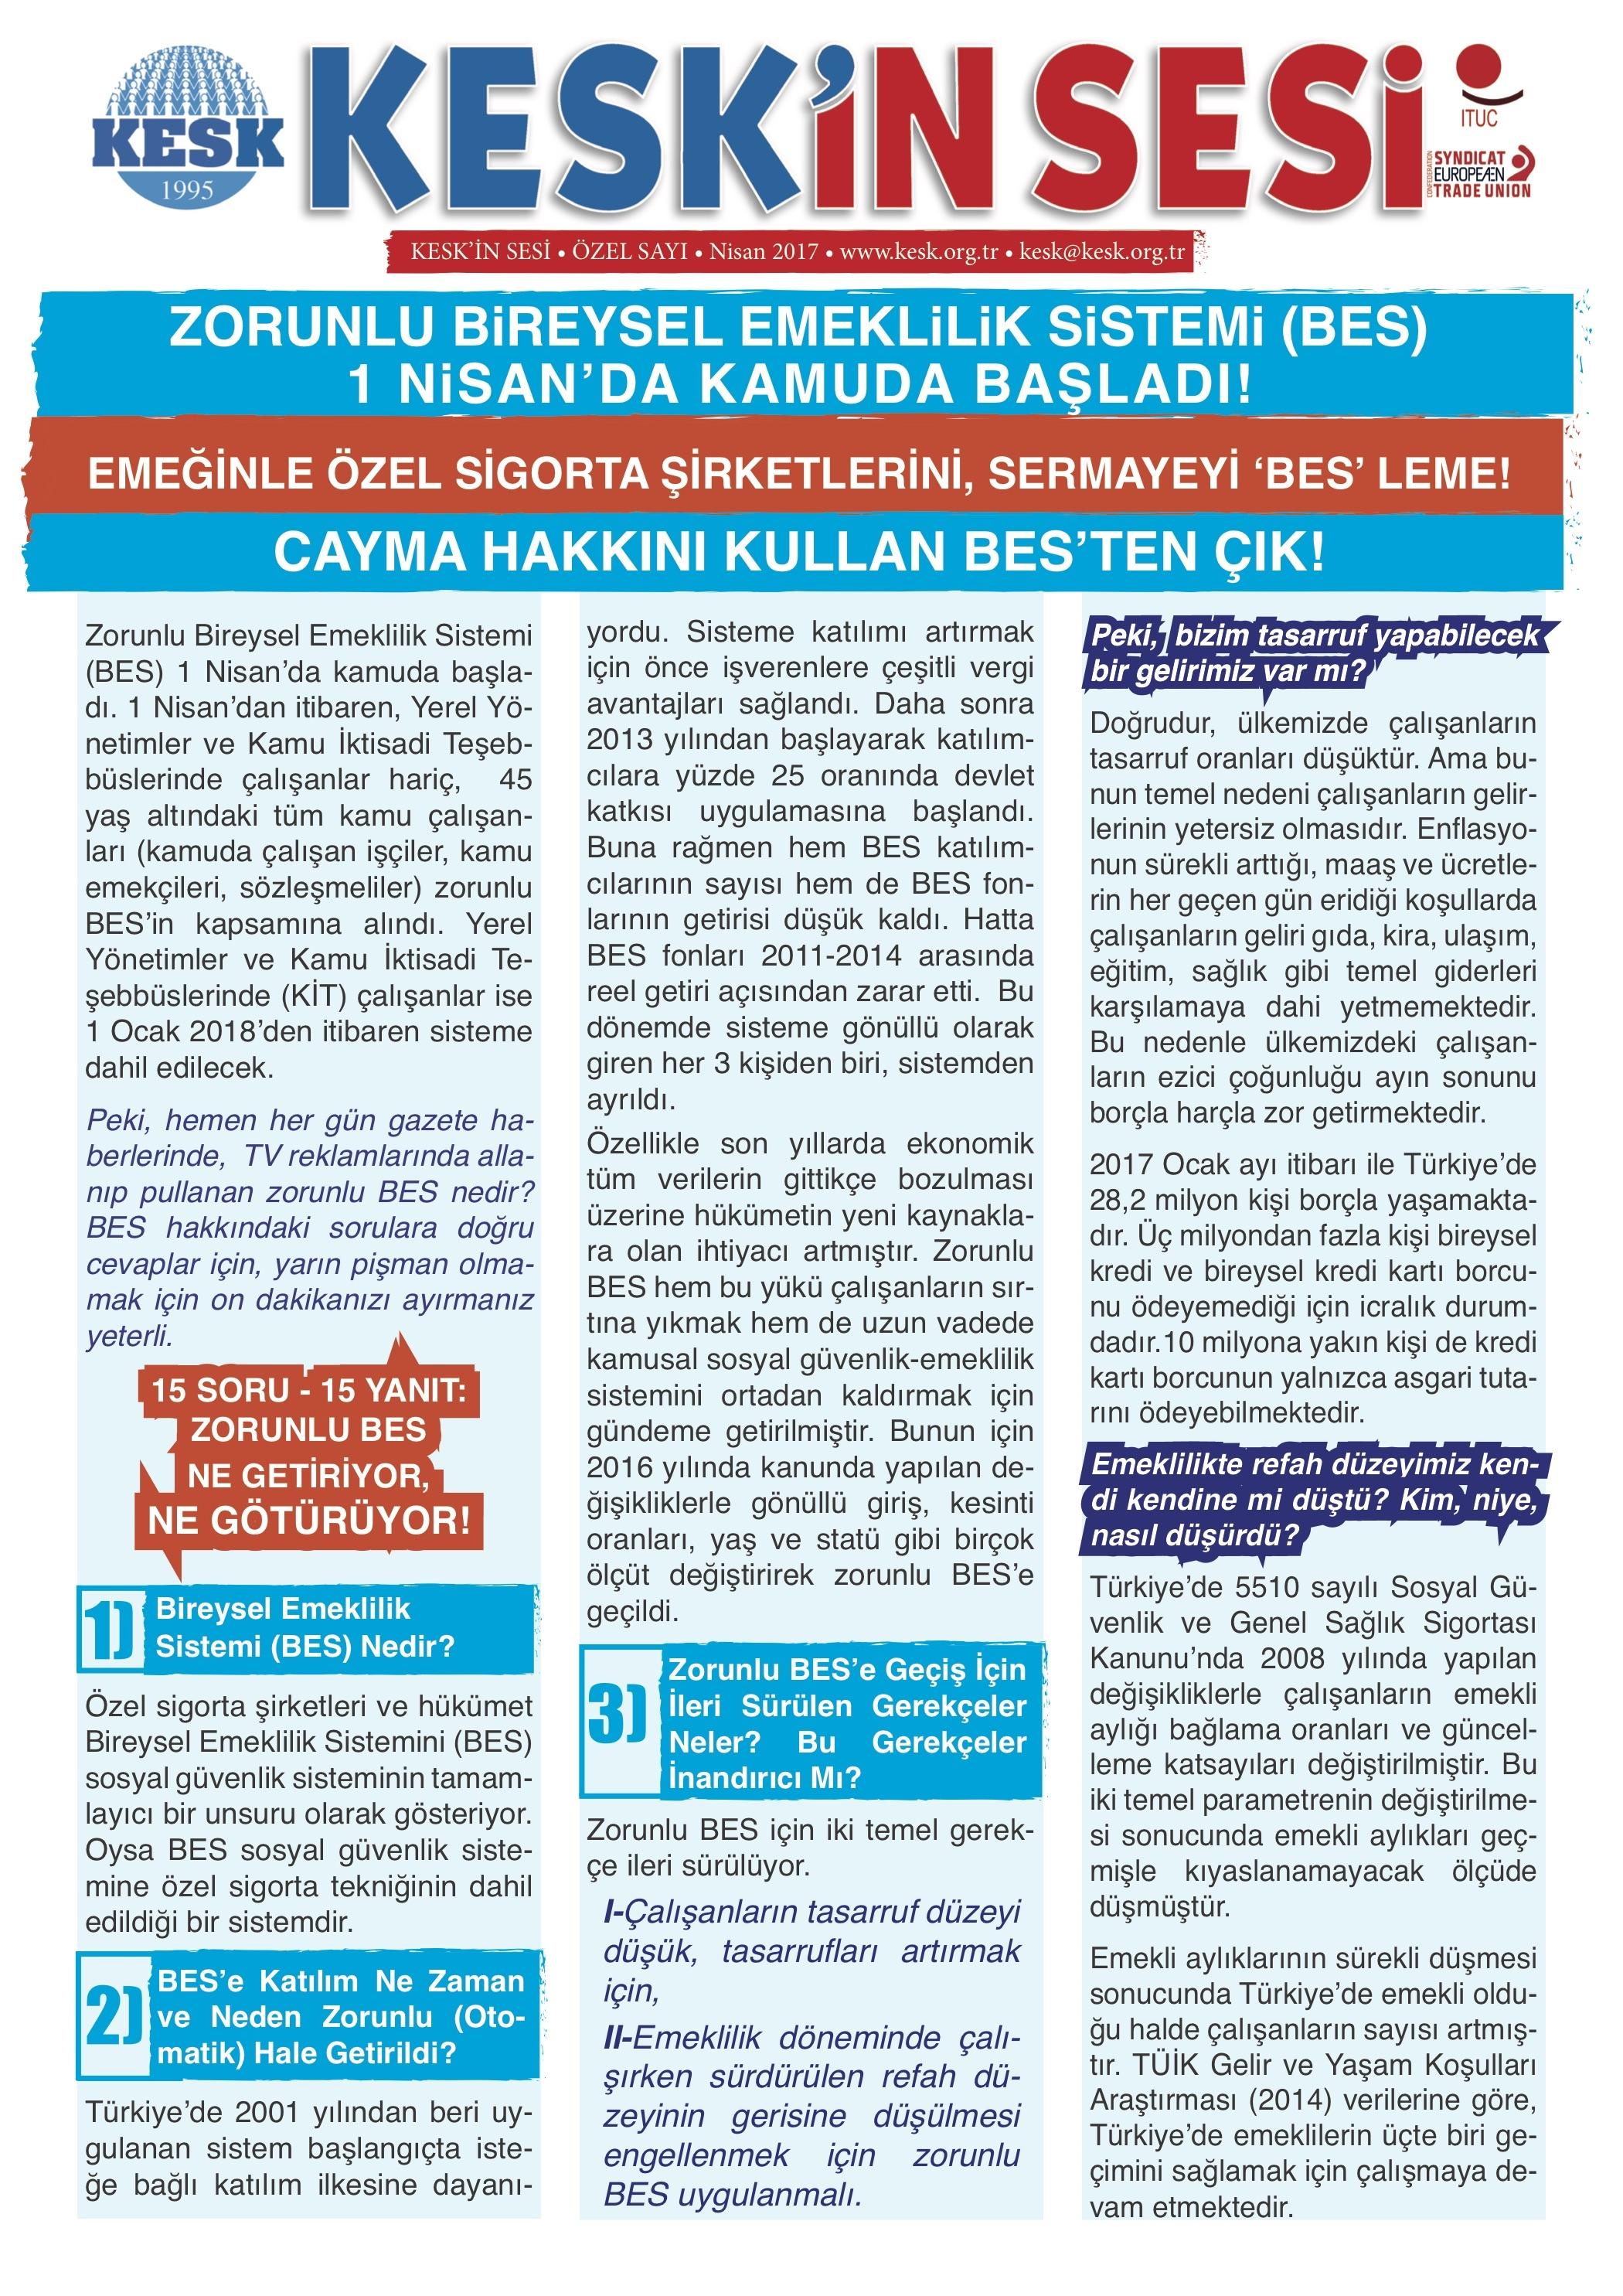 BİREYSEL DEĞİL, KAMUSAL EMEKLİLİK!